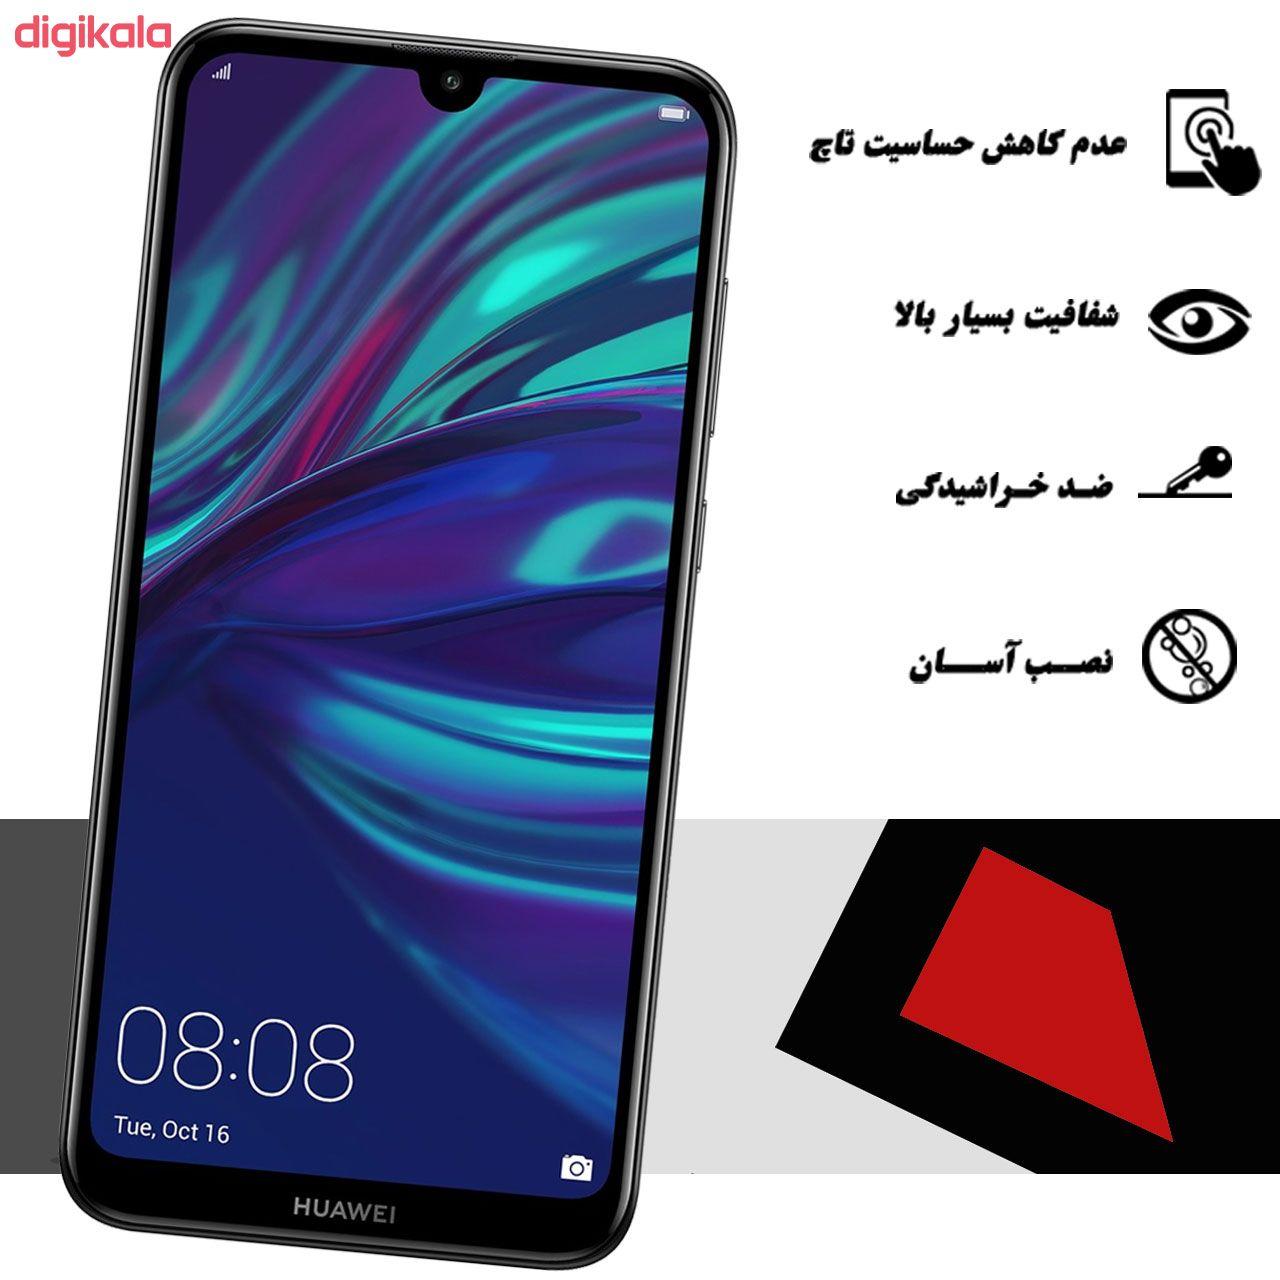 محافظ صفحه نمایش هورس مدل UCC مناسب برای گوشی موبایل هوآوی Y7 Prime 2019 main 1 3